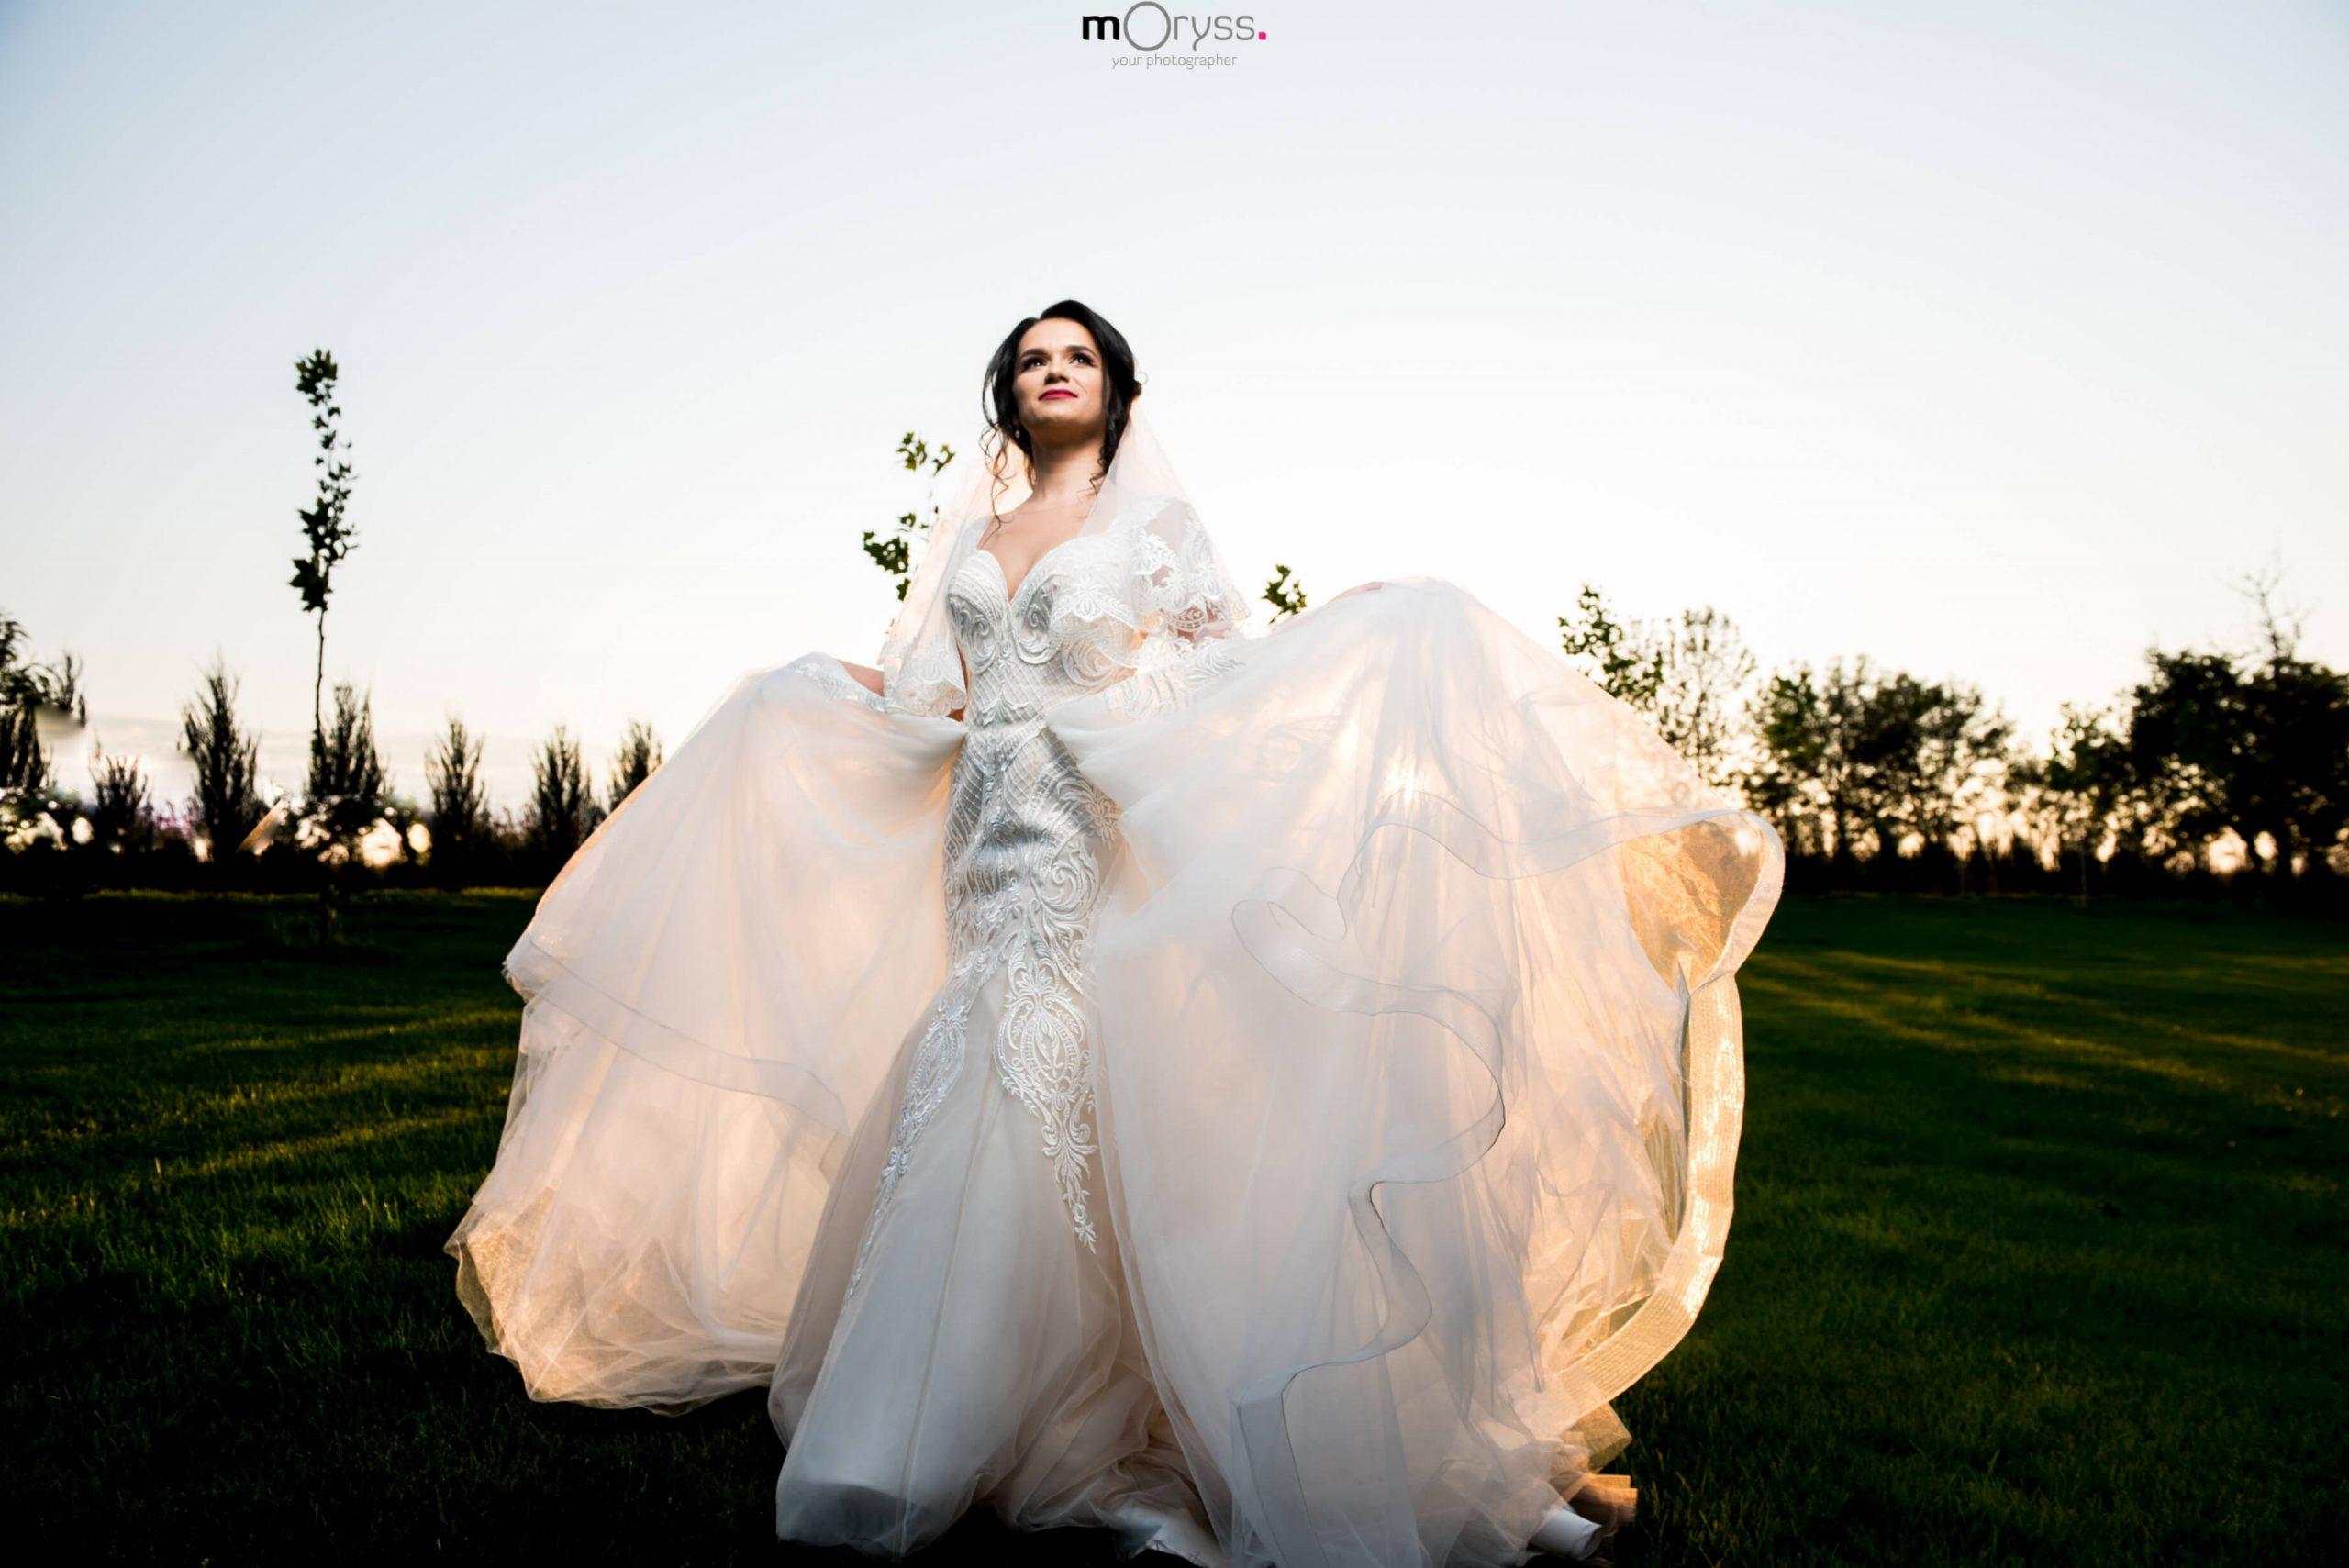 marius agrigoroaie fotograf de nunta botosani suceava 6